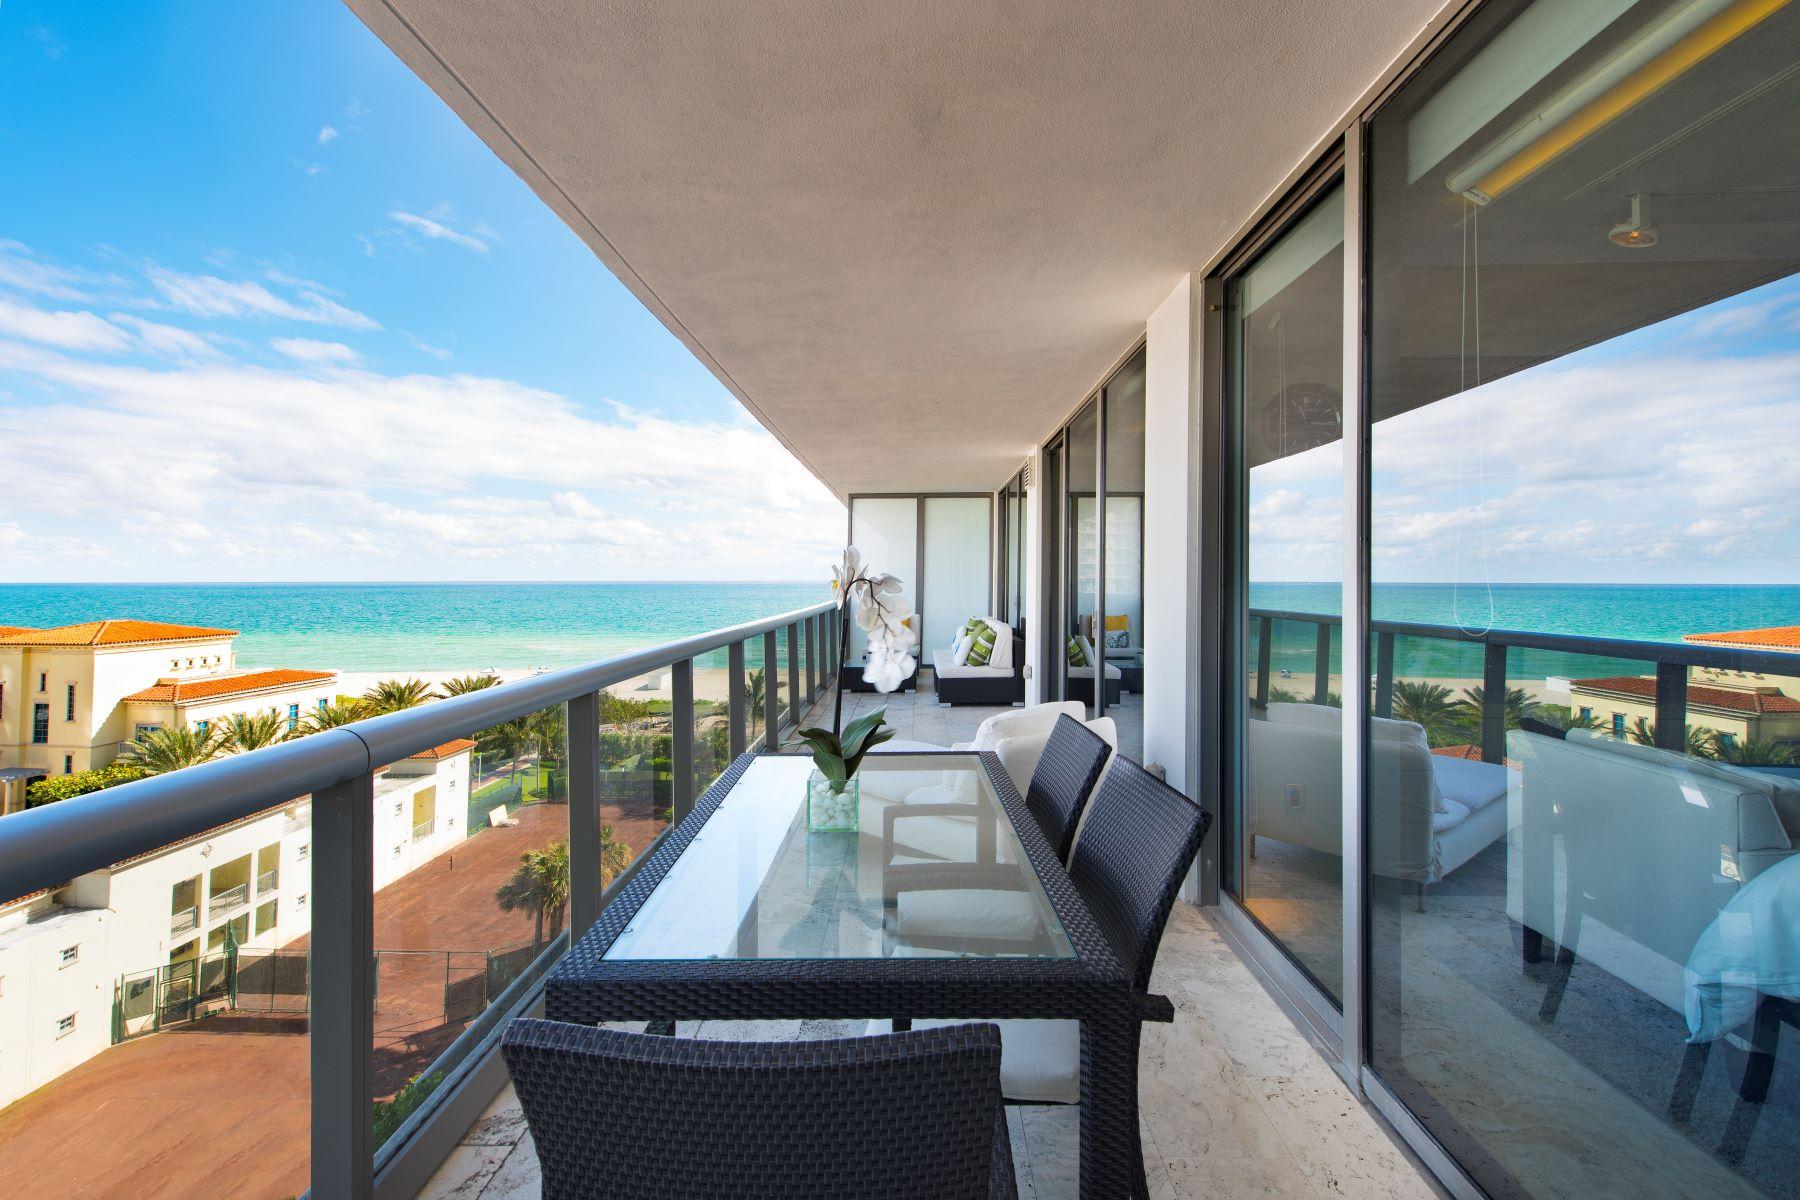 共管物業 為 出售 在 5875 Collins Ave 5875 Collins Ave 805, Miami Beach, 佛羅里達州, 33140 美國